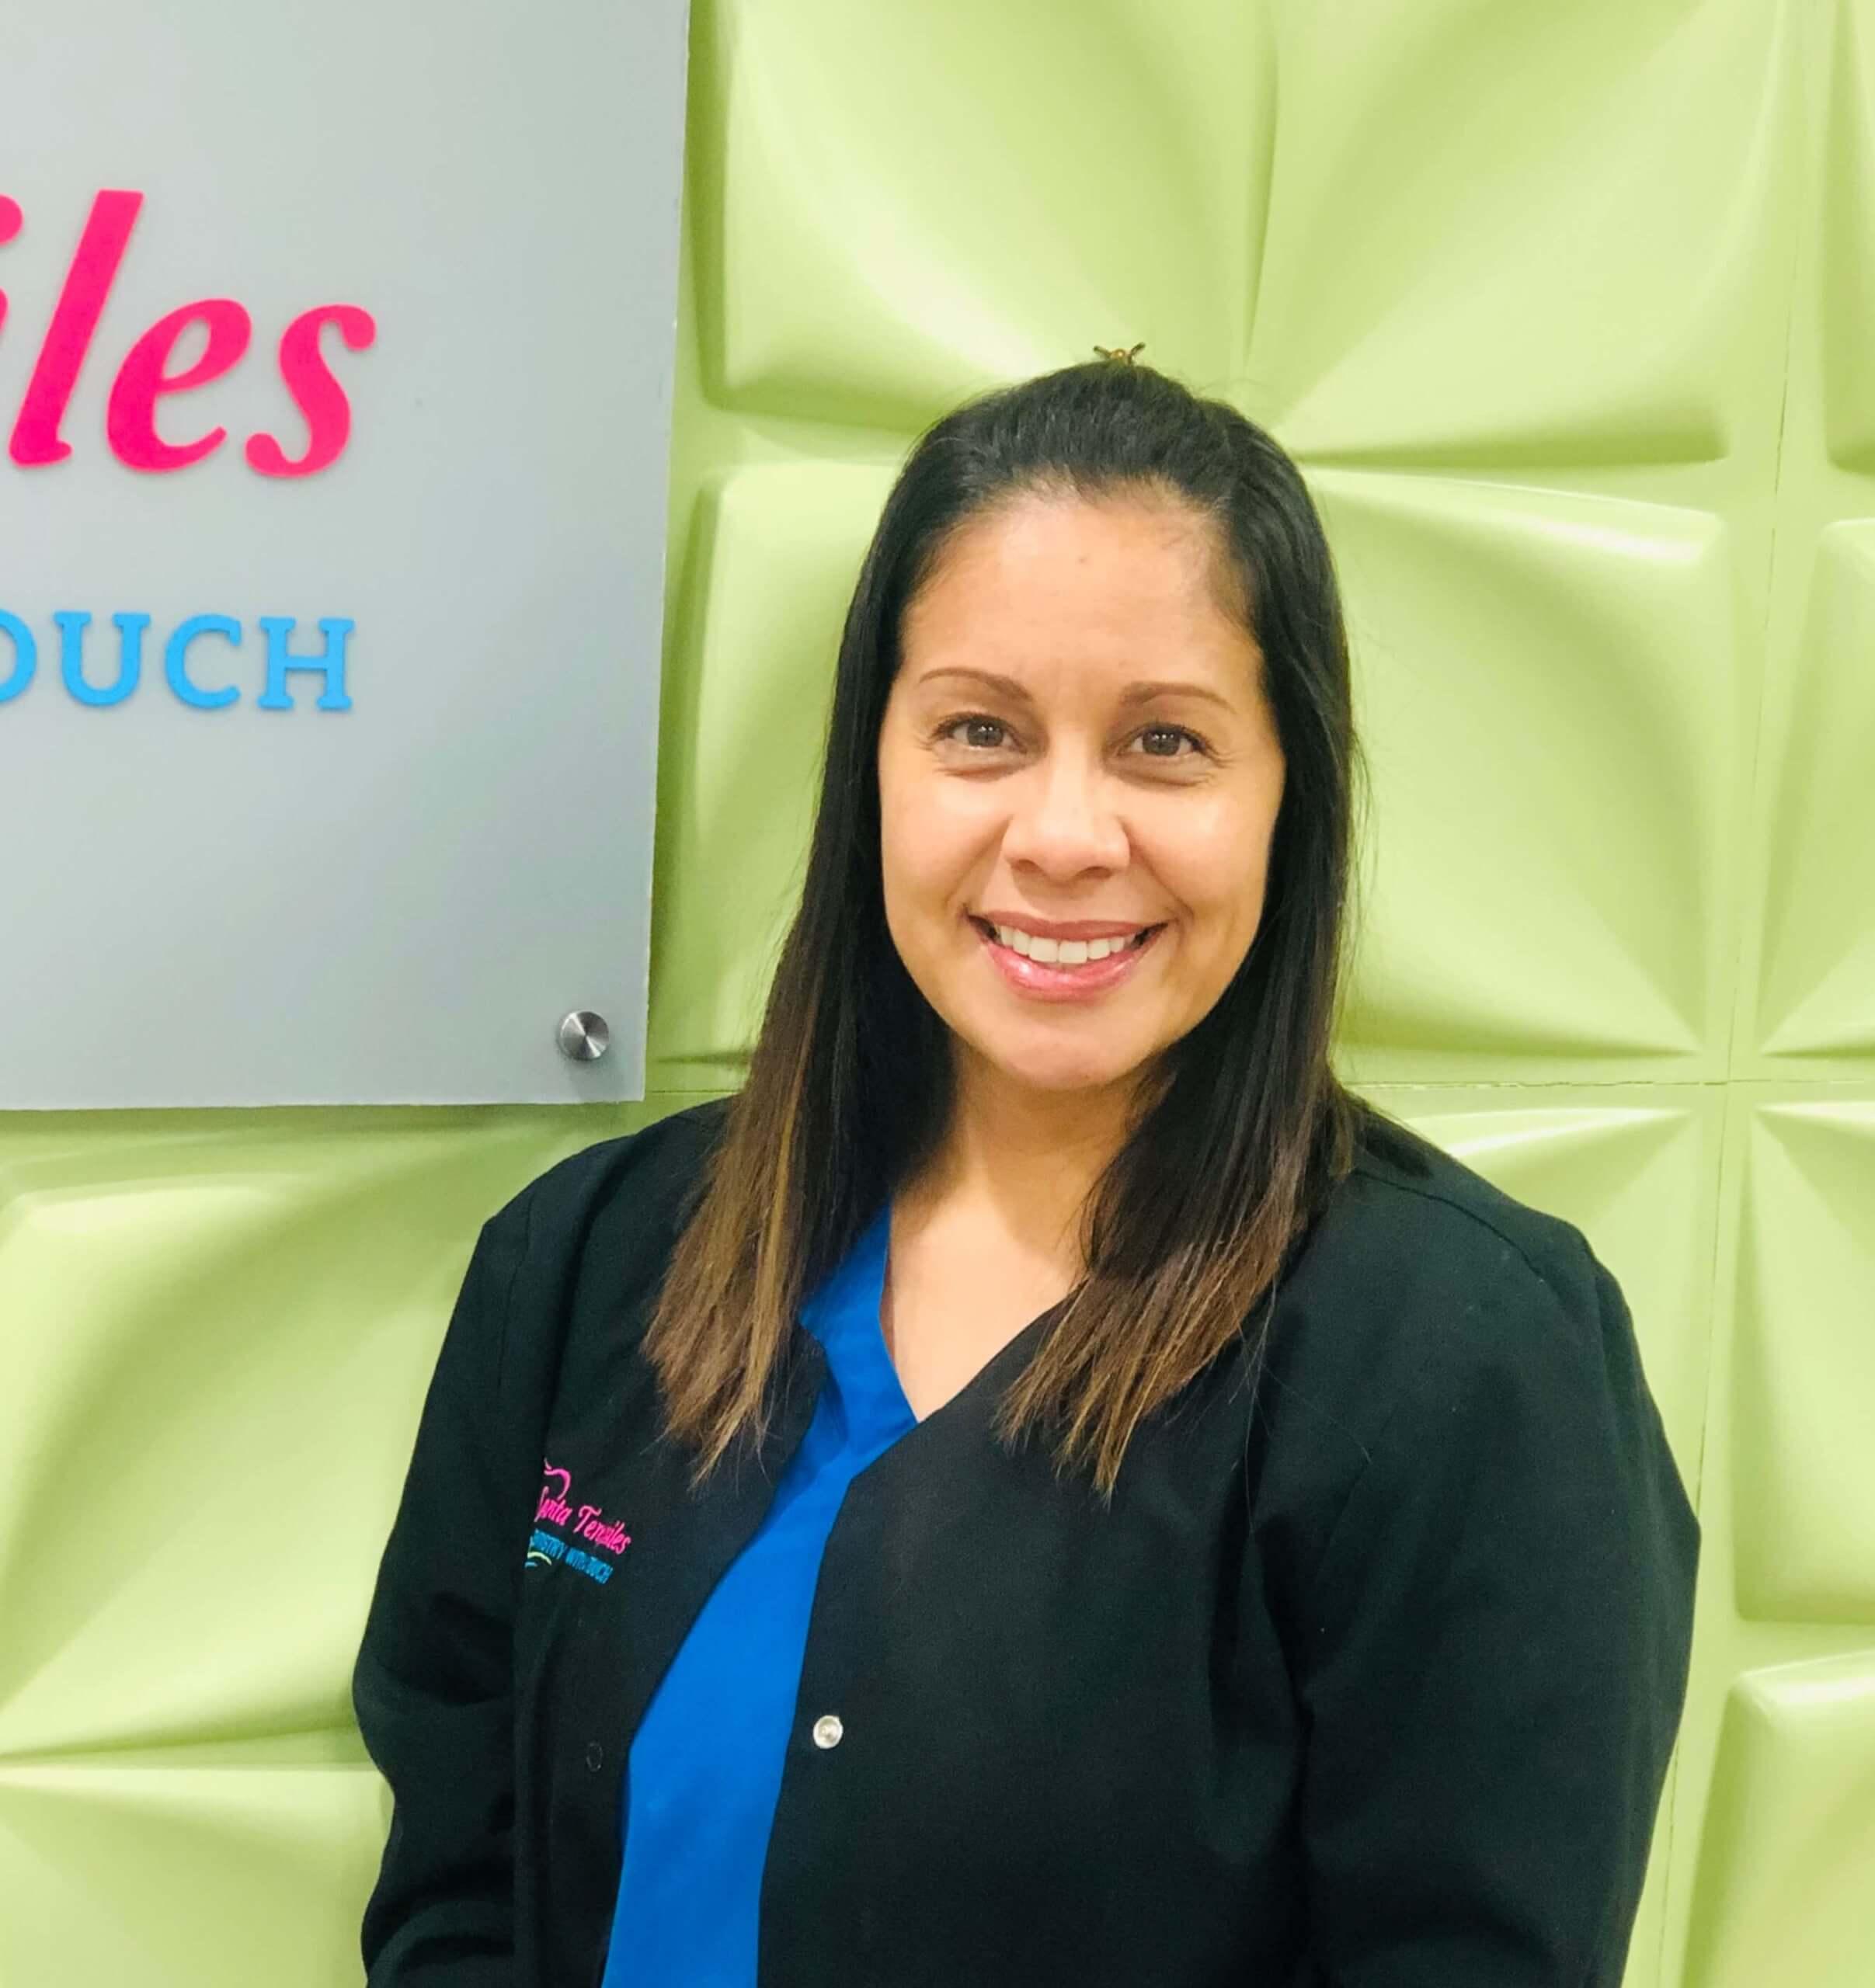 Jodie Phillips, Patient Care Coordinator